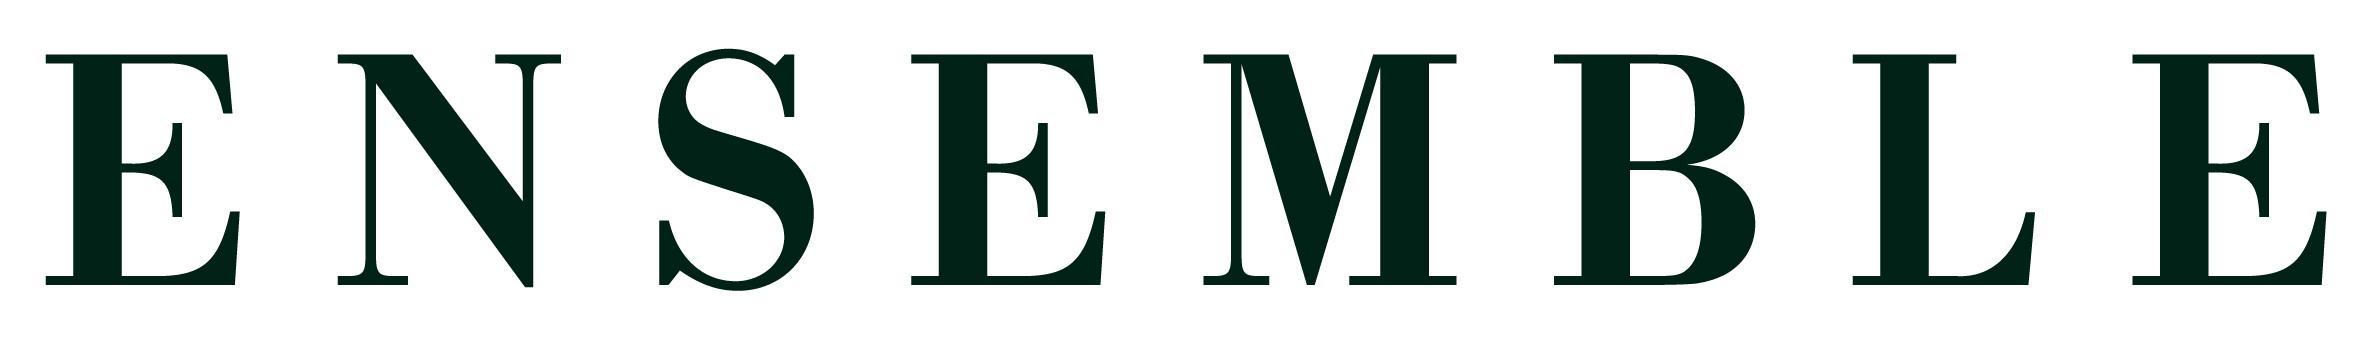 Ensemble Wells Logo